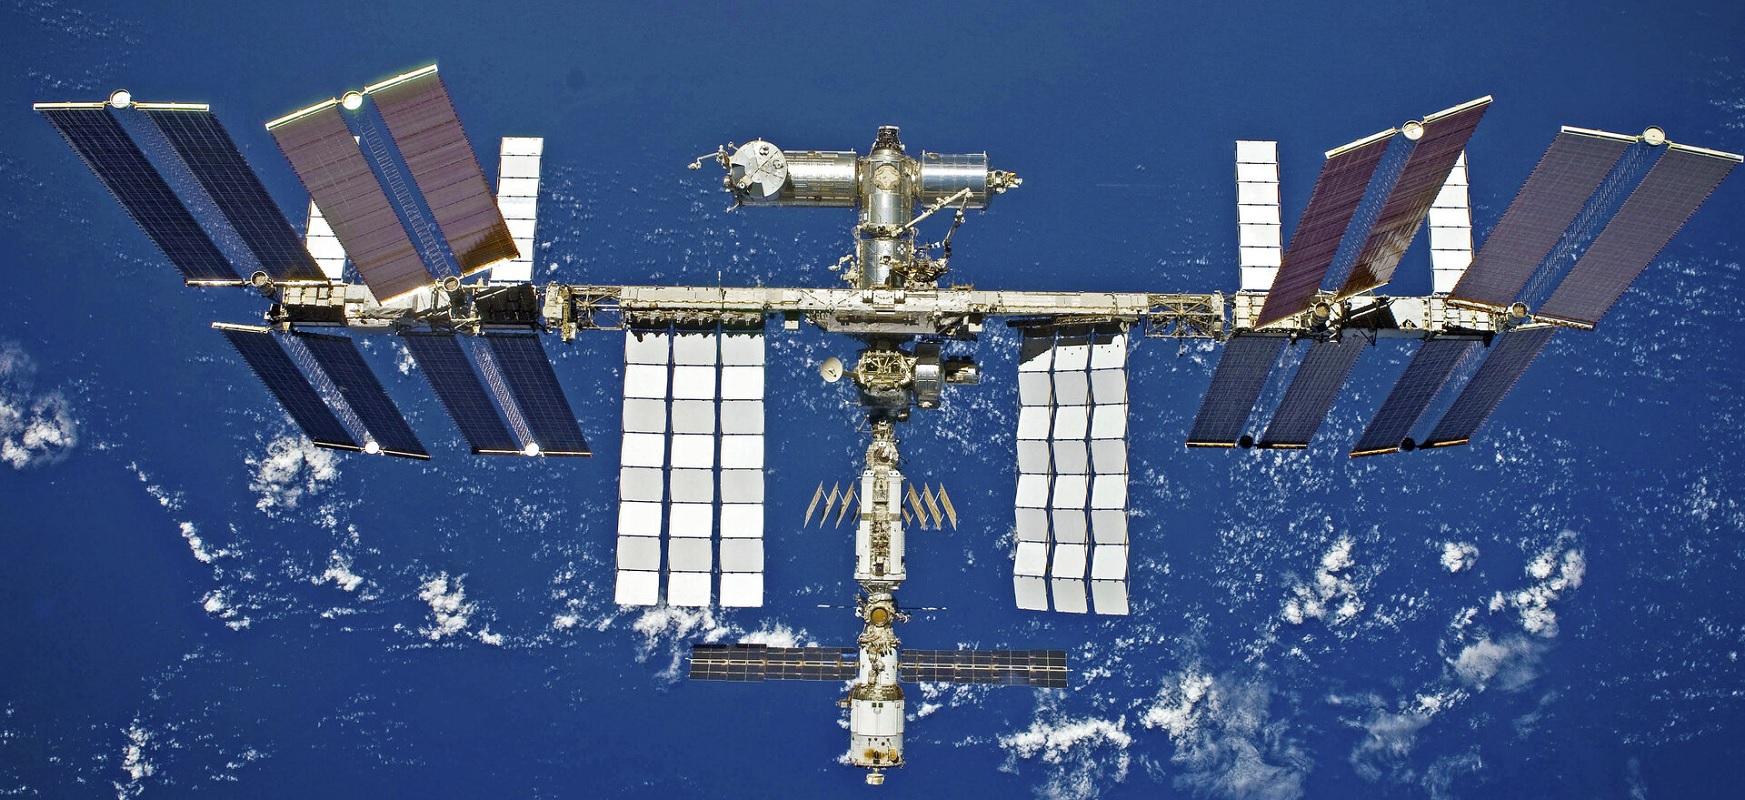 Errusiak 2023an turista batzuk bidali nahi ditu orbitara. Historian lehen espazio zibil posiblea izan daiteke